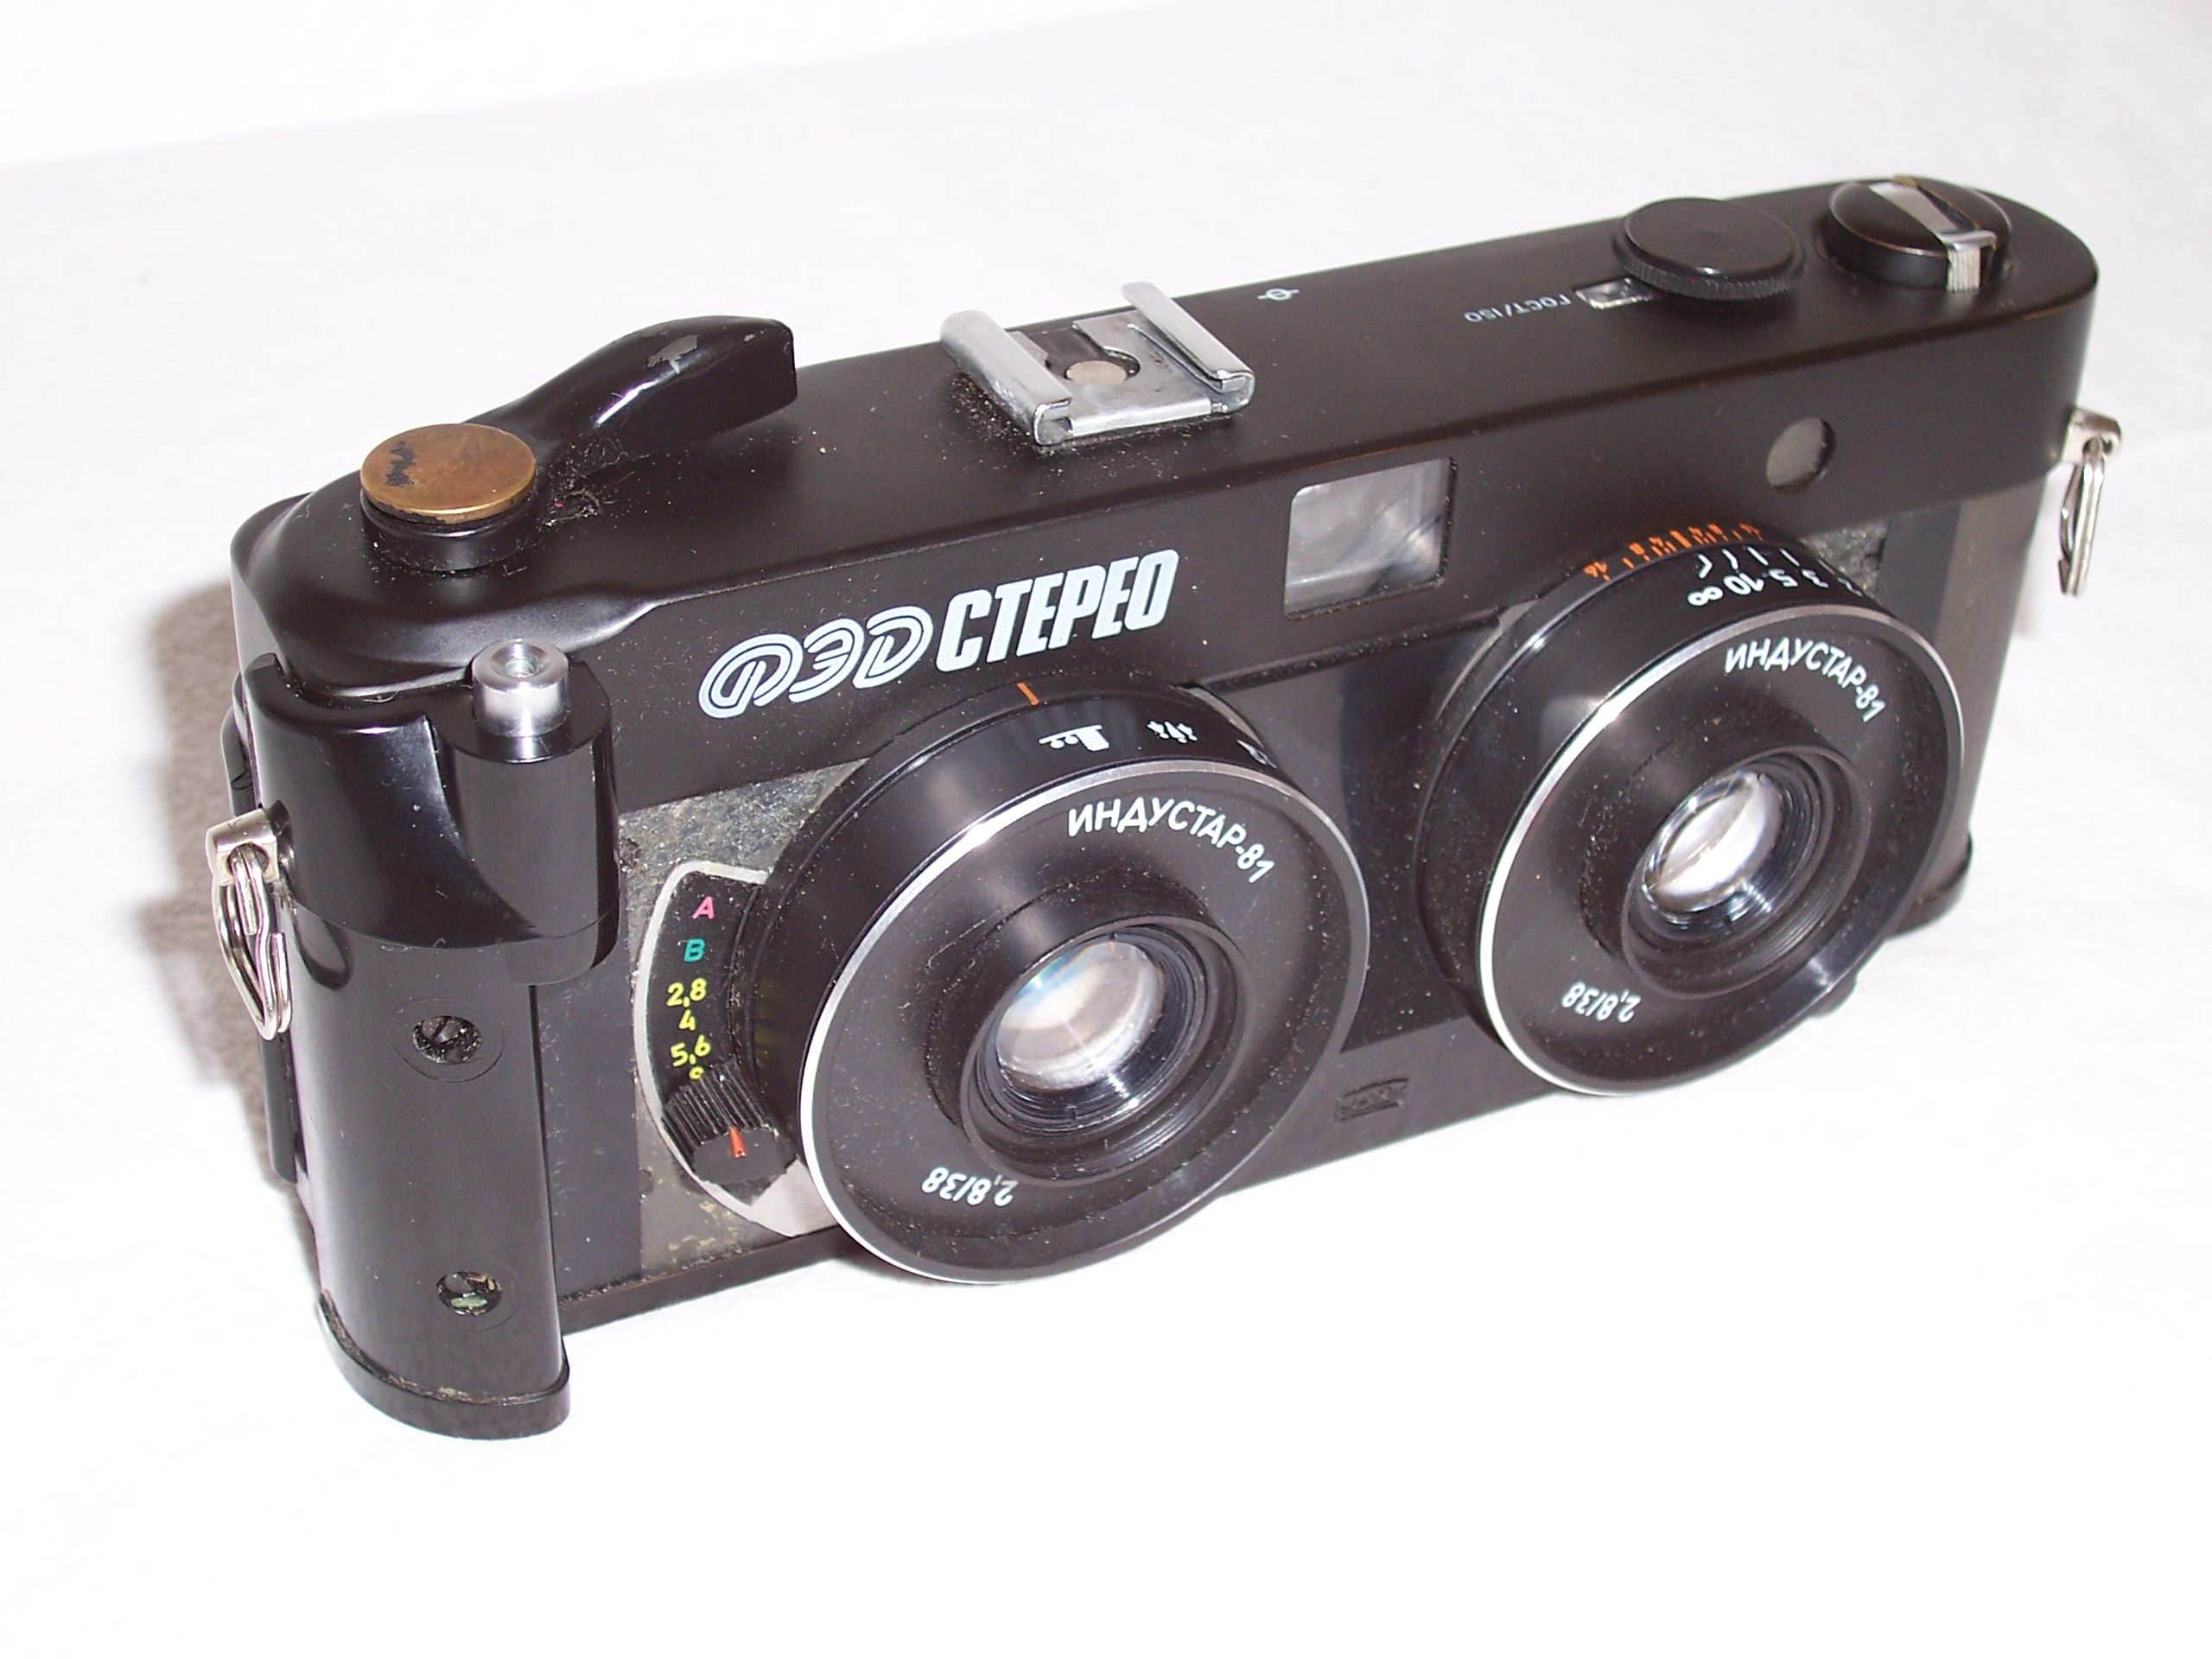 File:FED Stereo 100 2706.jpg